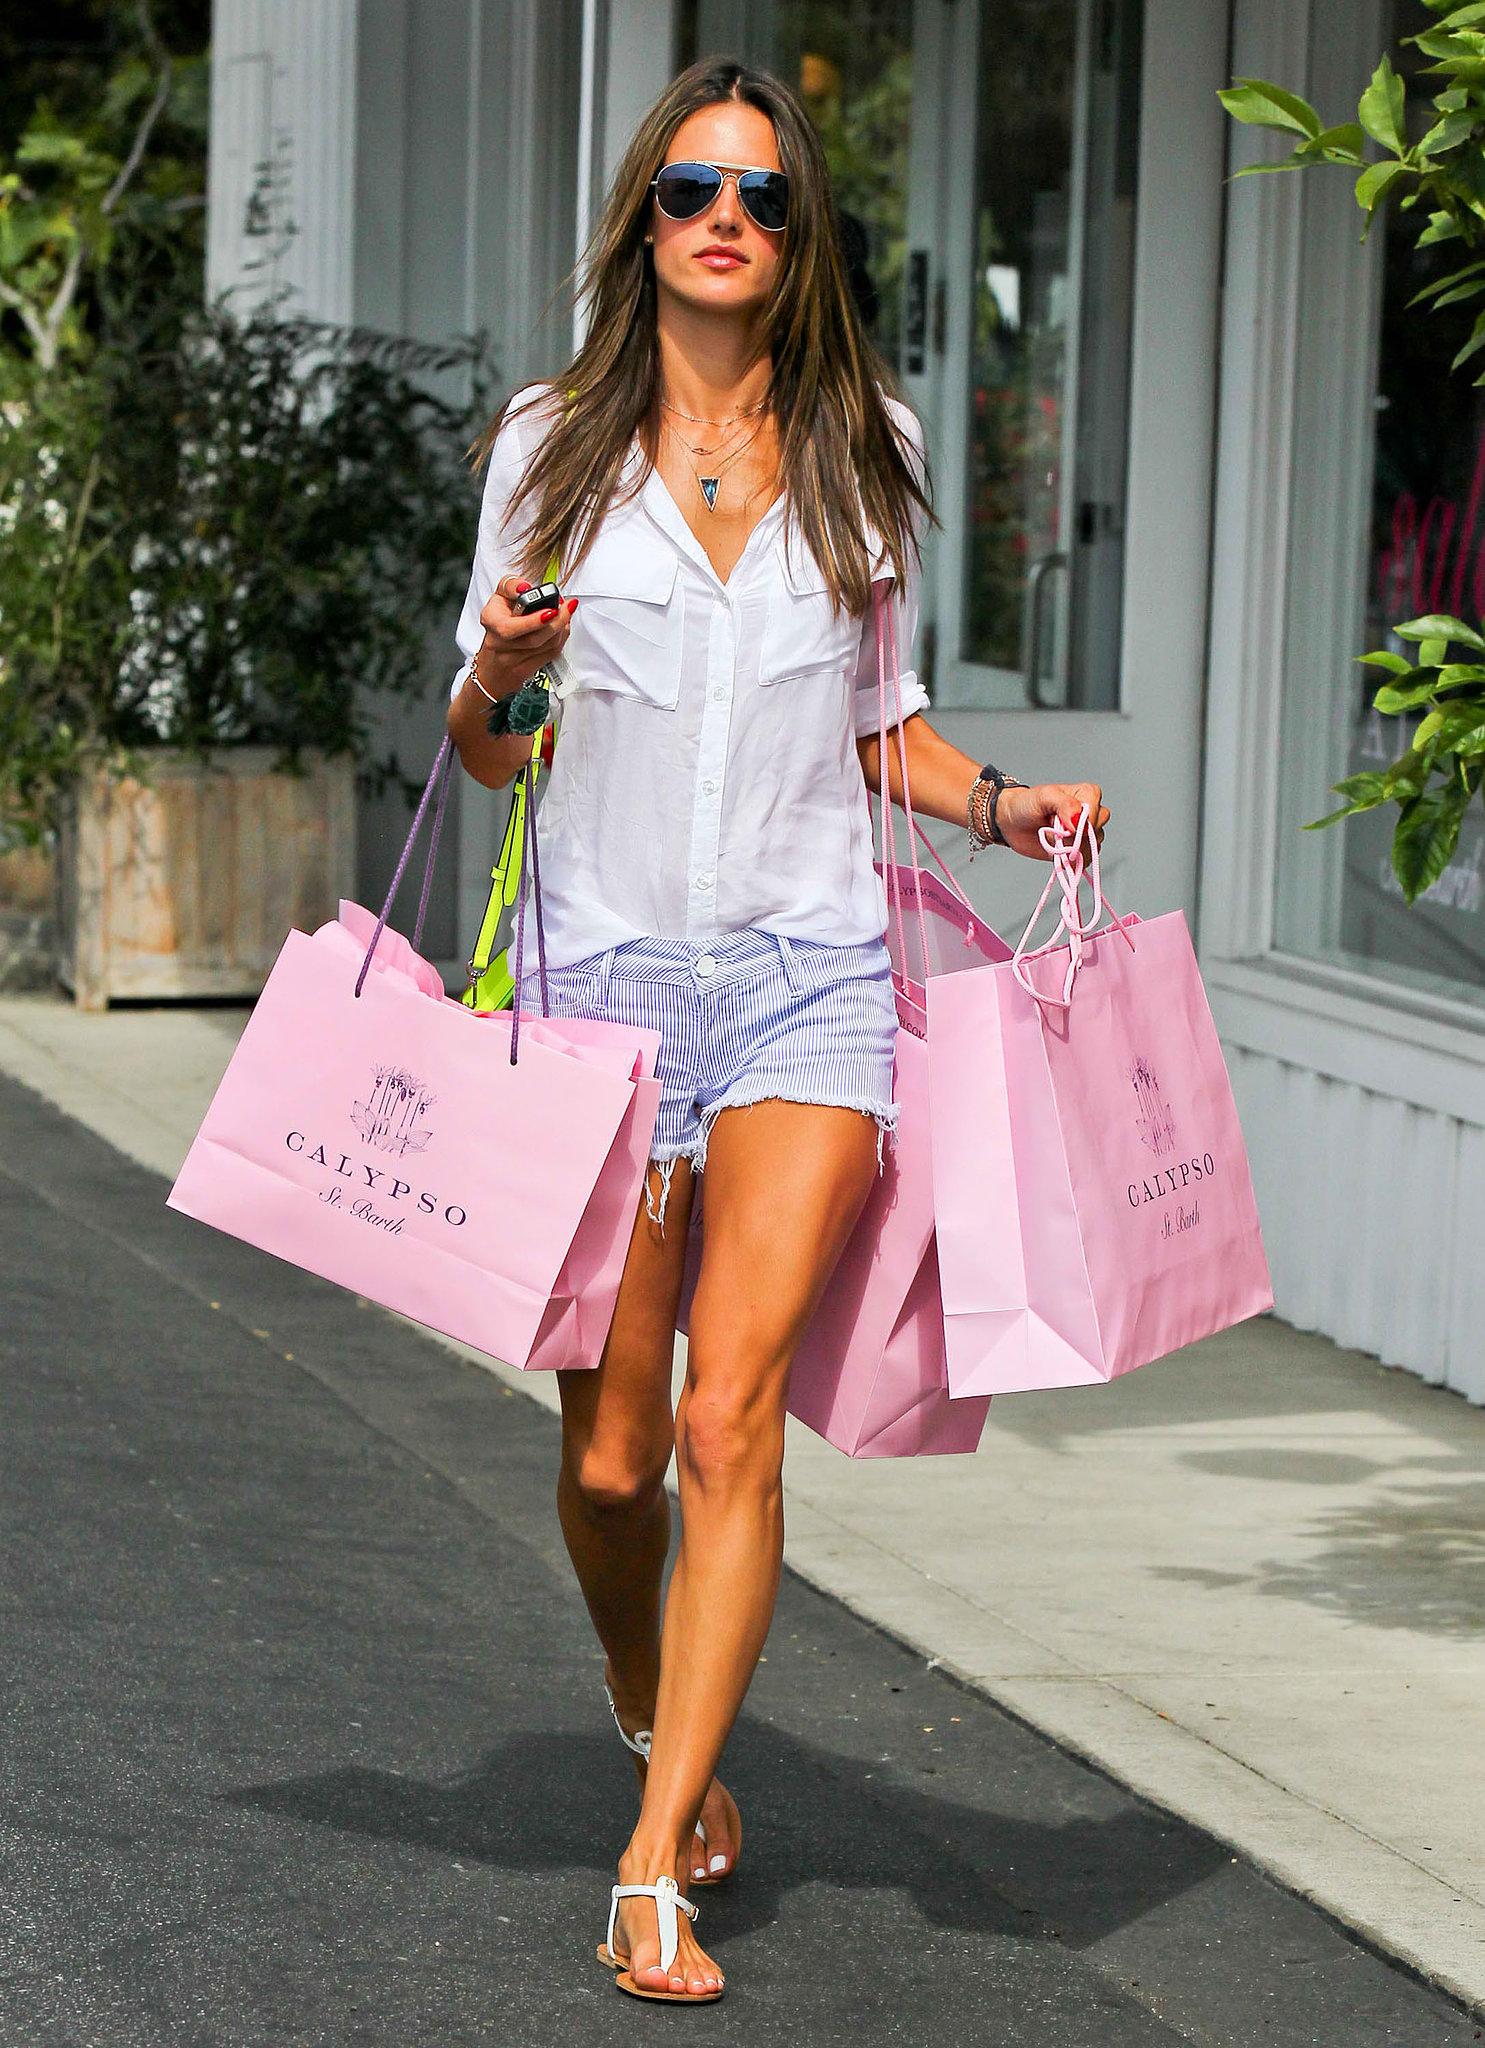 For a major shopping spree at Calypso, Alessandra Ambrosio